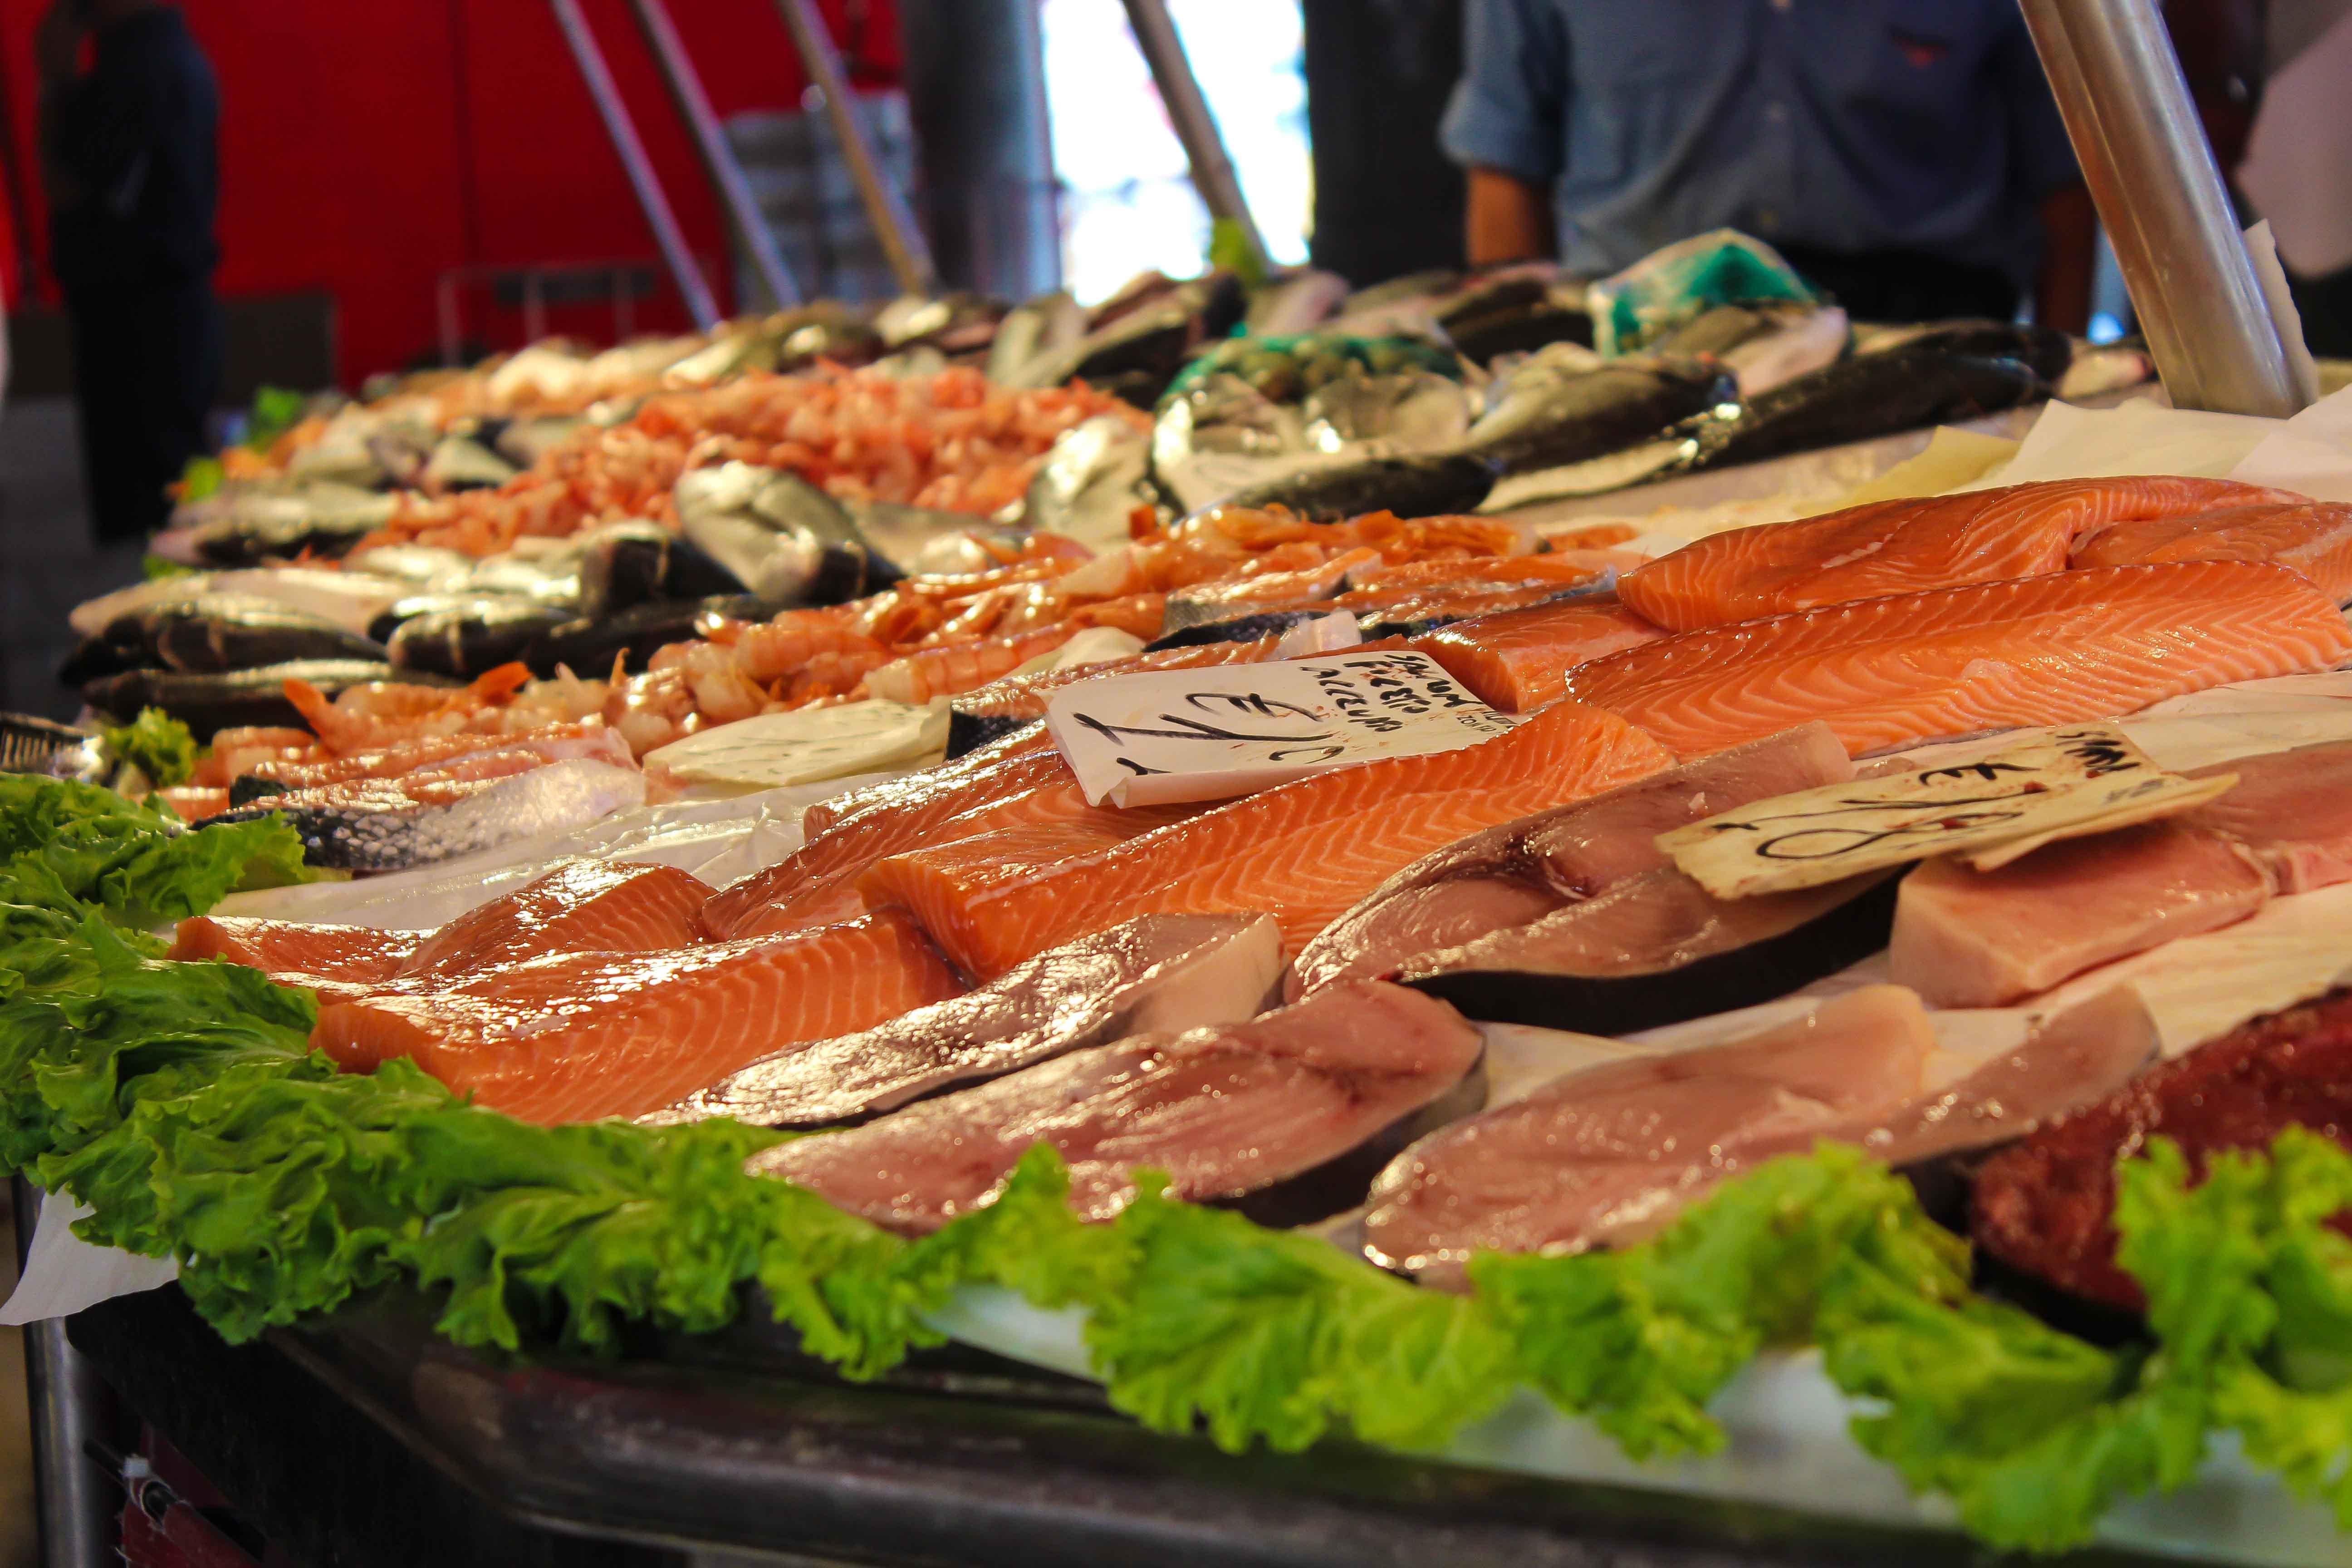 Mostrador de una pescadería con salmón